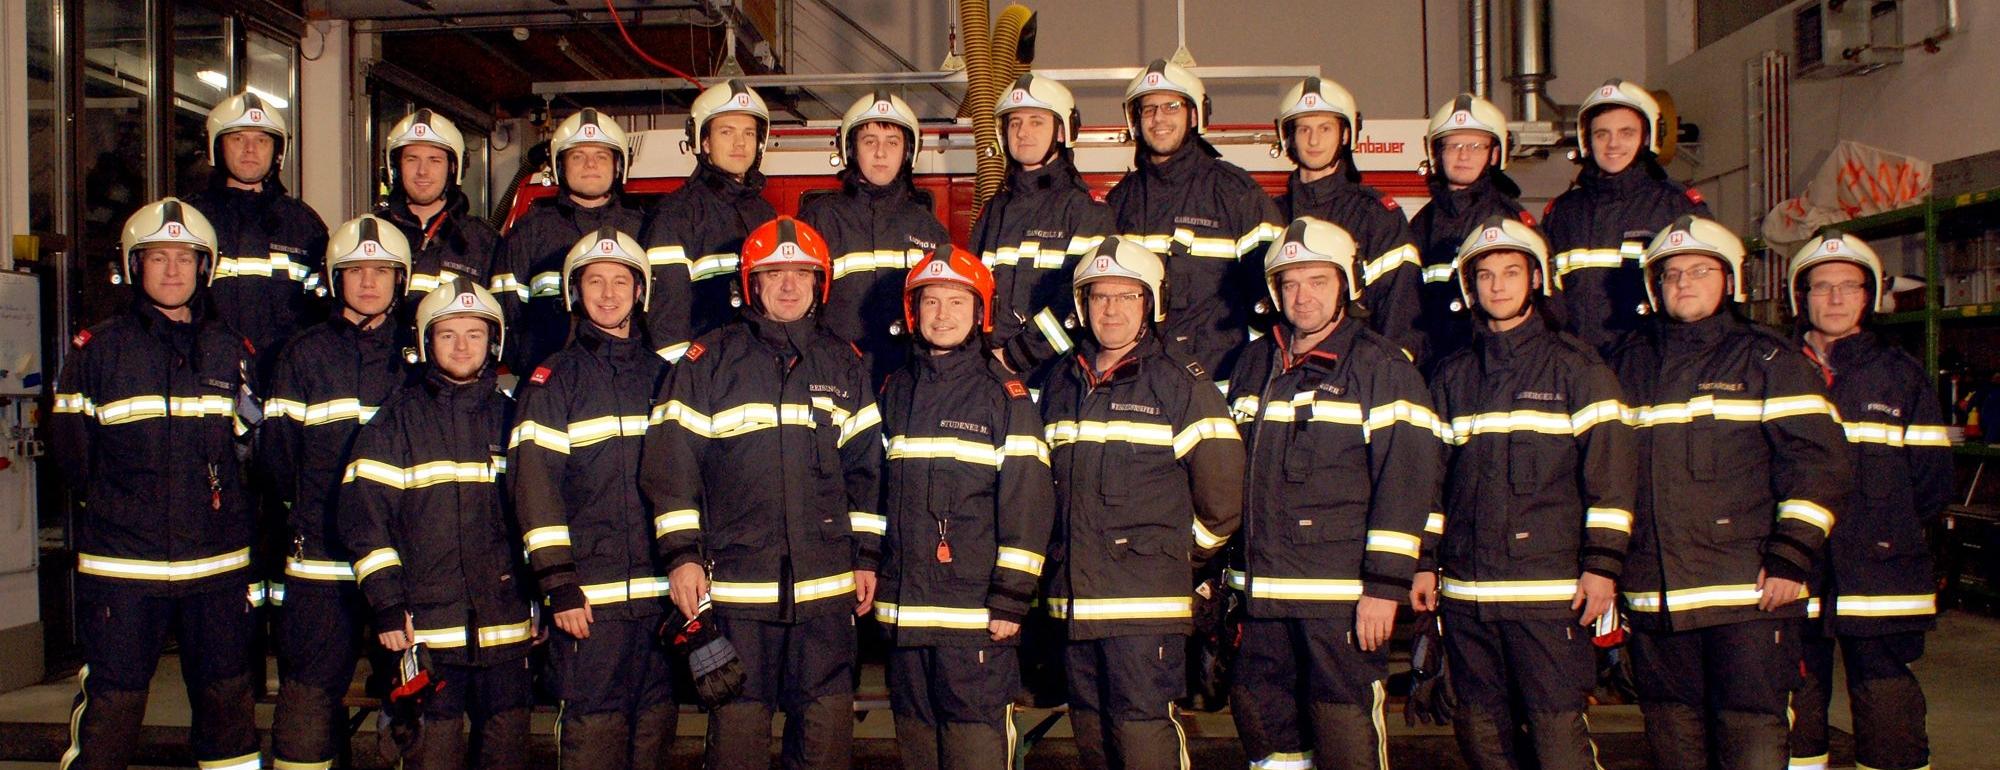 Die Mannschaft der Feuerwehr Ebelsberg